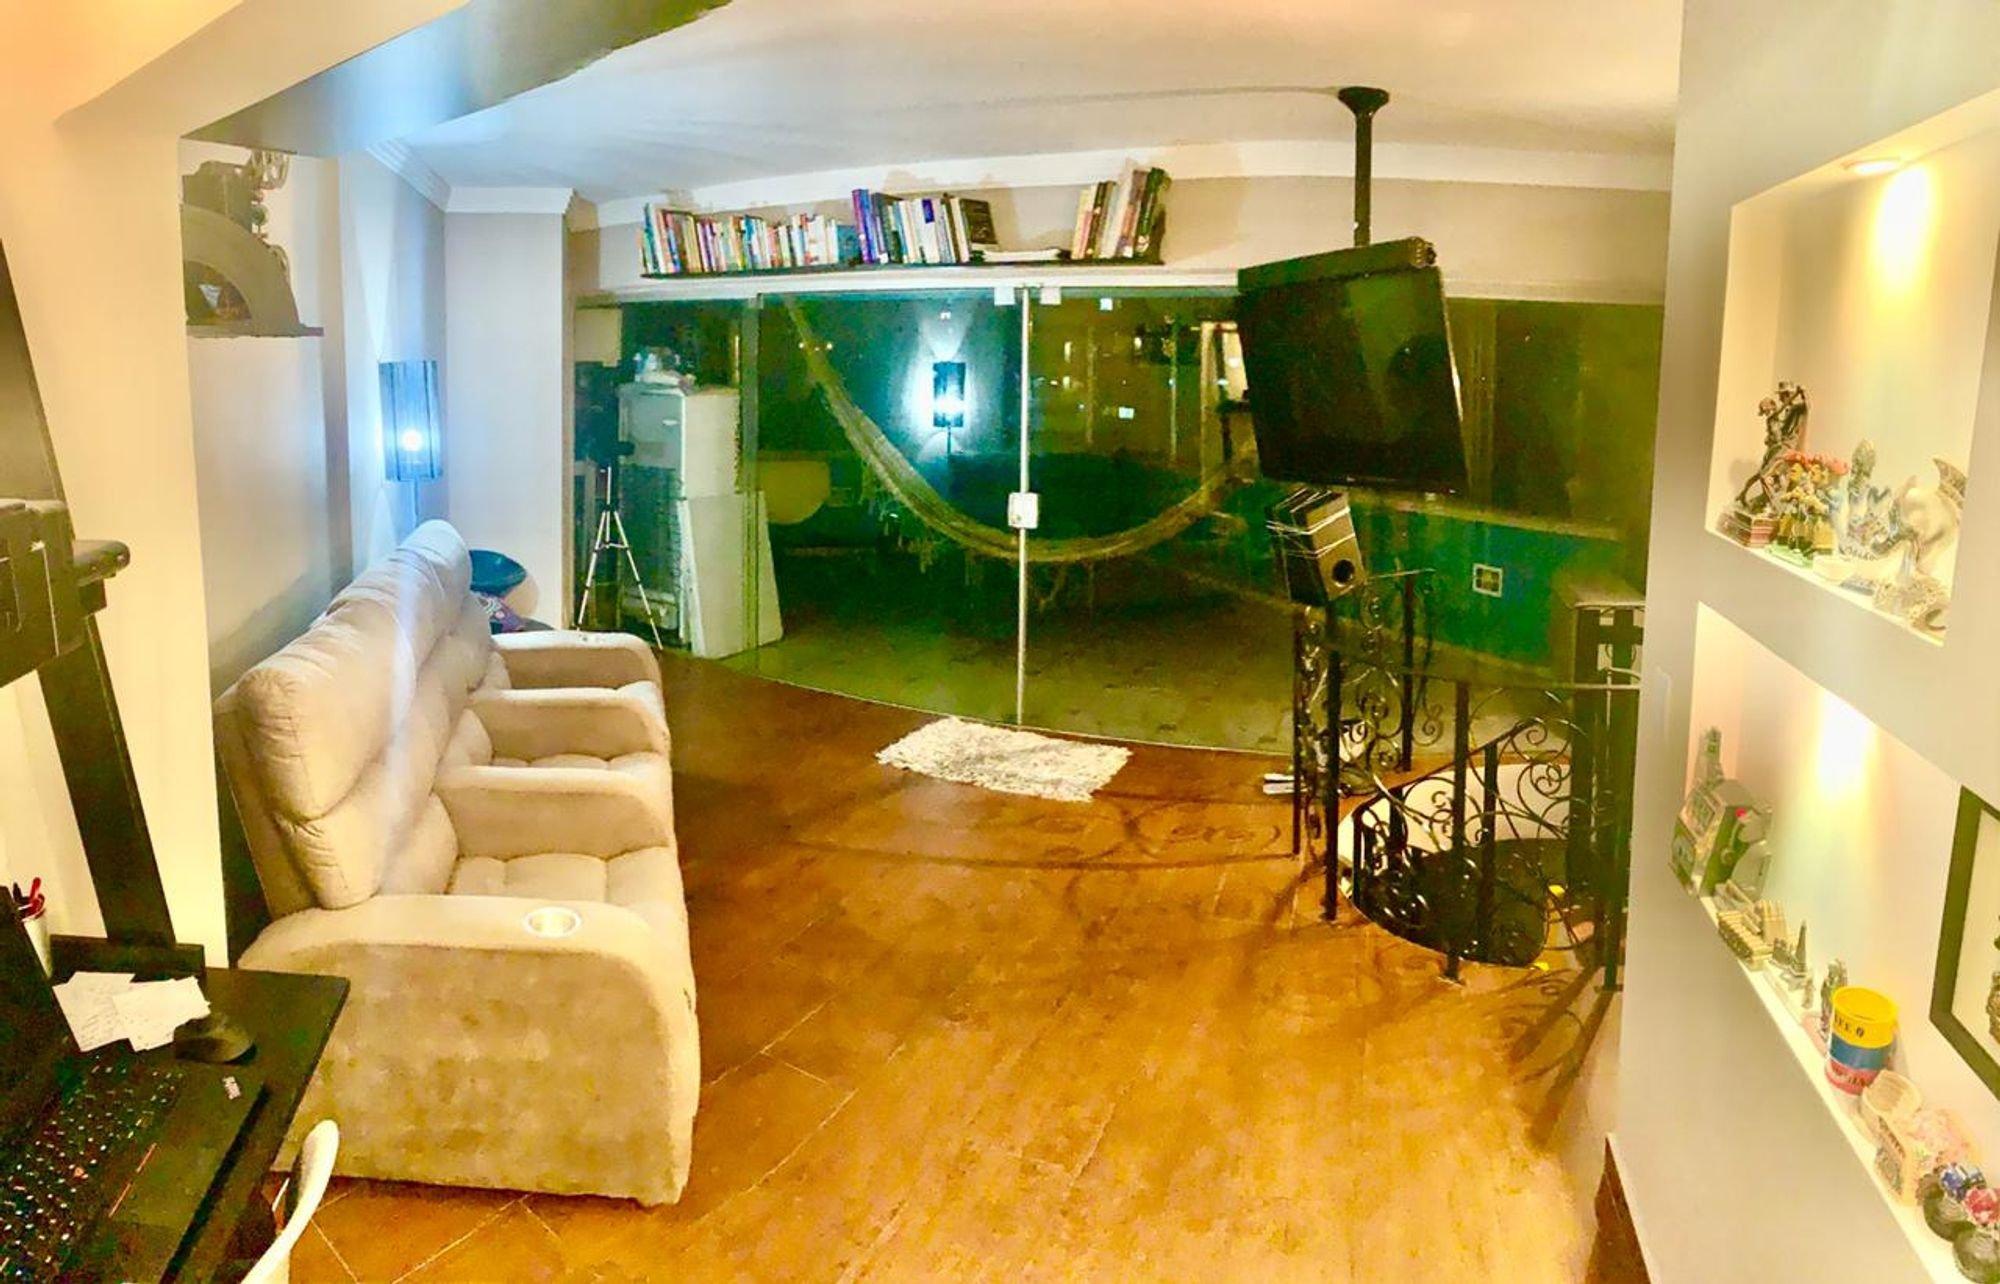 Foto de Sala com sofá, televisão, garrafa, computador portátil, livro